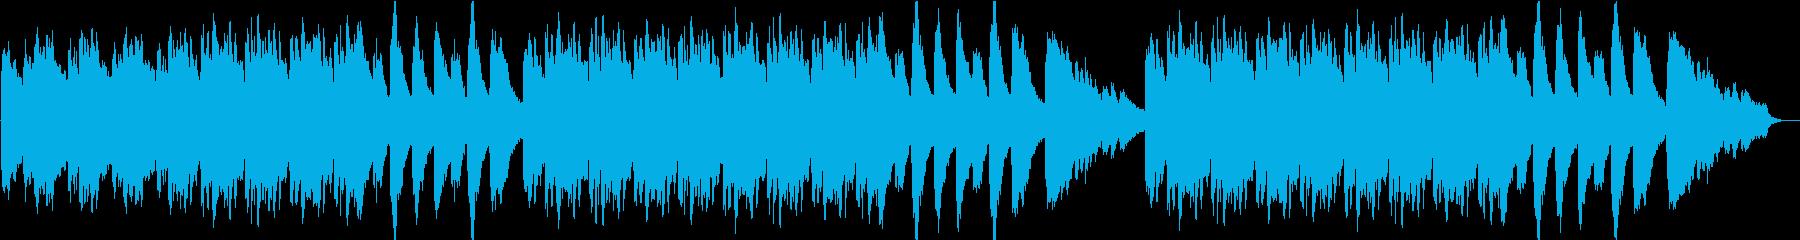 エクソシスト風ピアノ 恐怖 オカルトの再生済みの波形